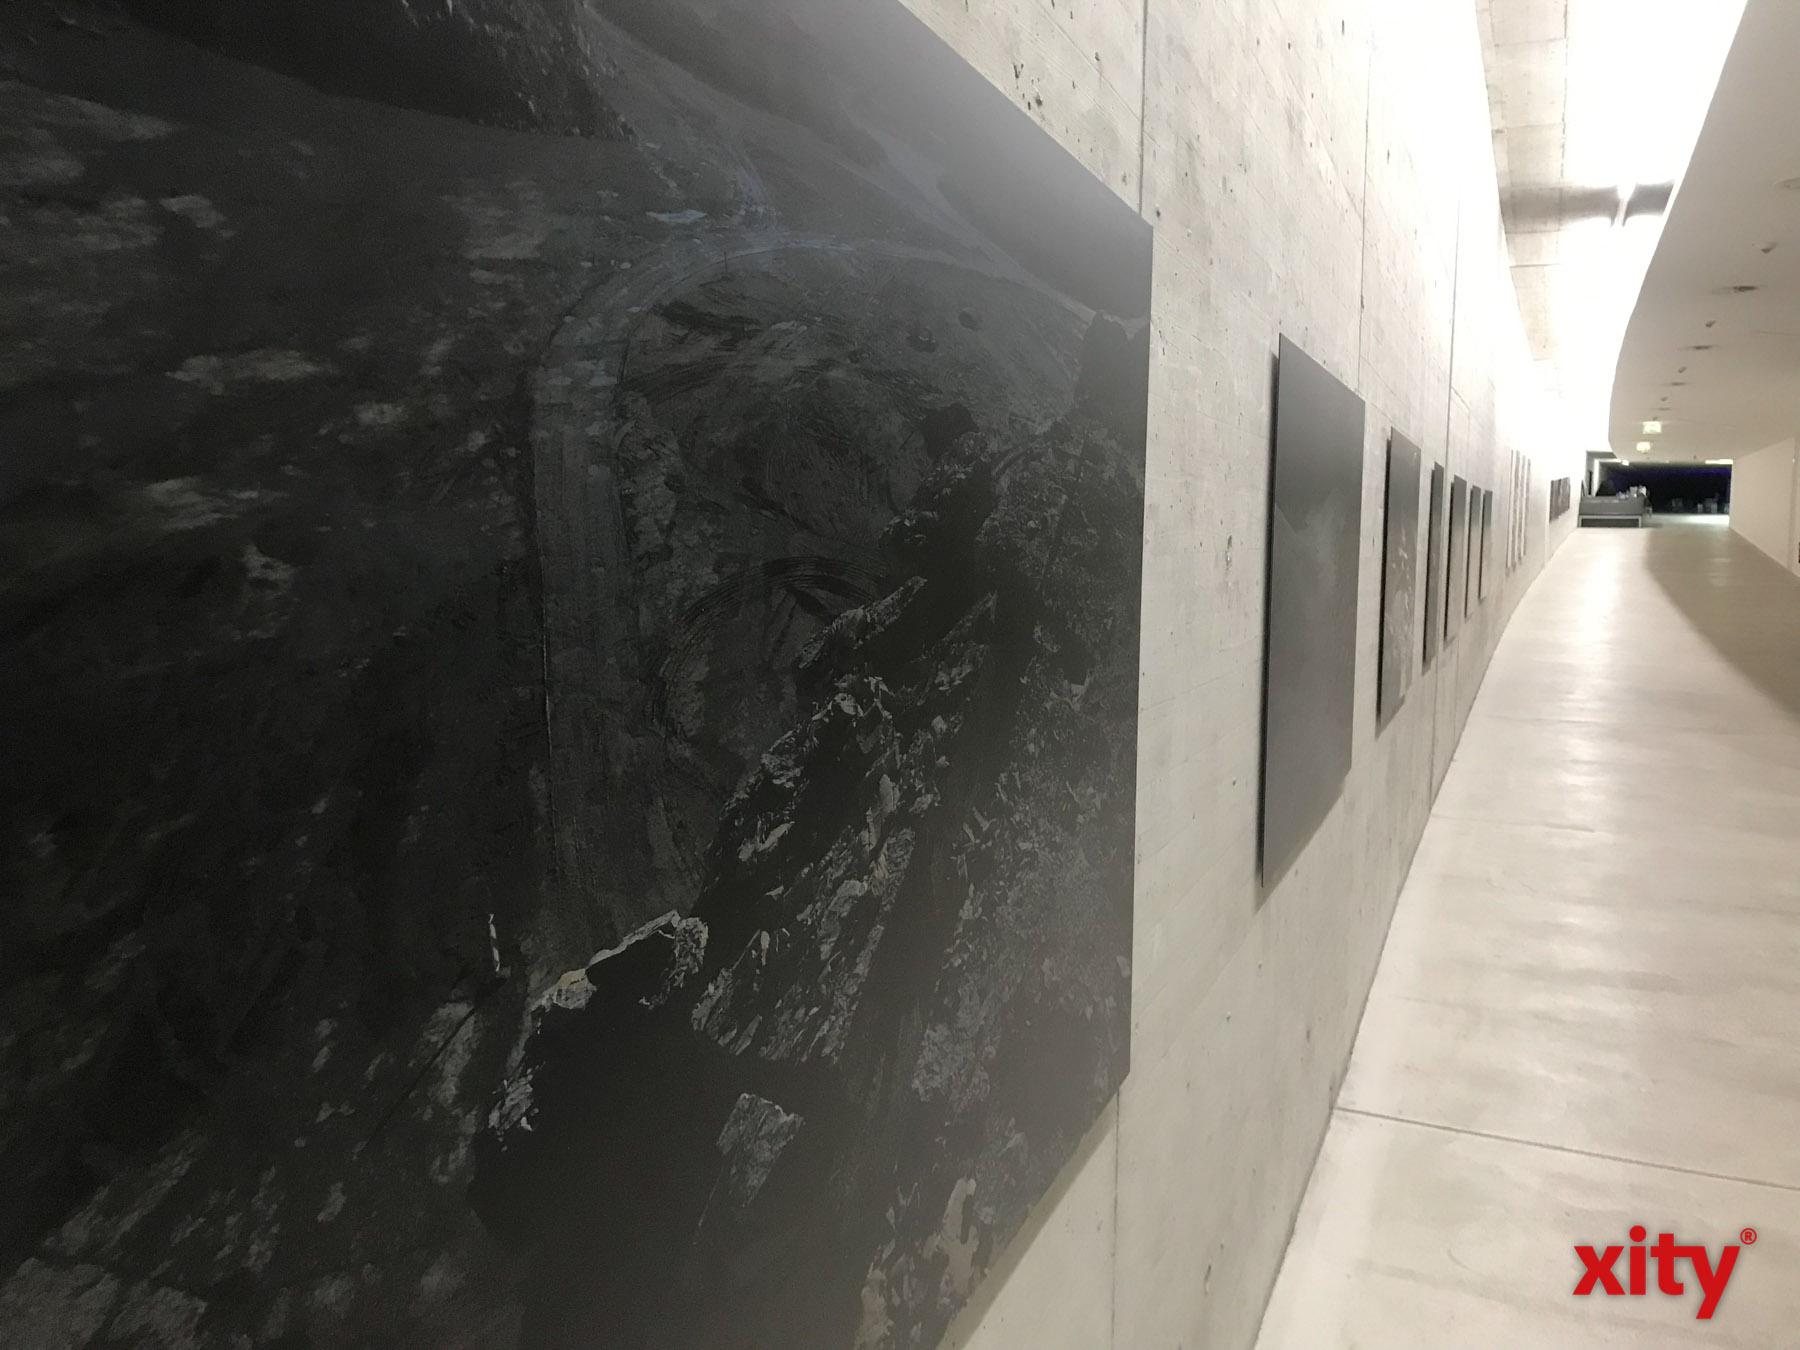 Neben Video- und Lichtinstallationen zeigt die Ausstellung viele Fotografien von Schroeder (Foto: xity)